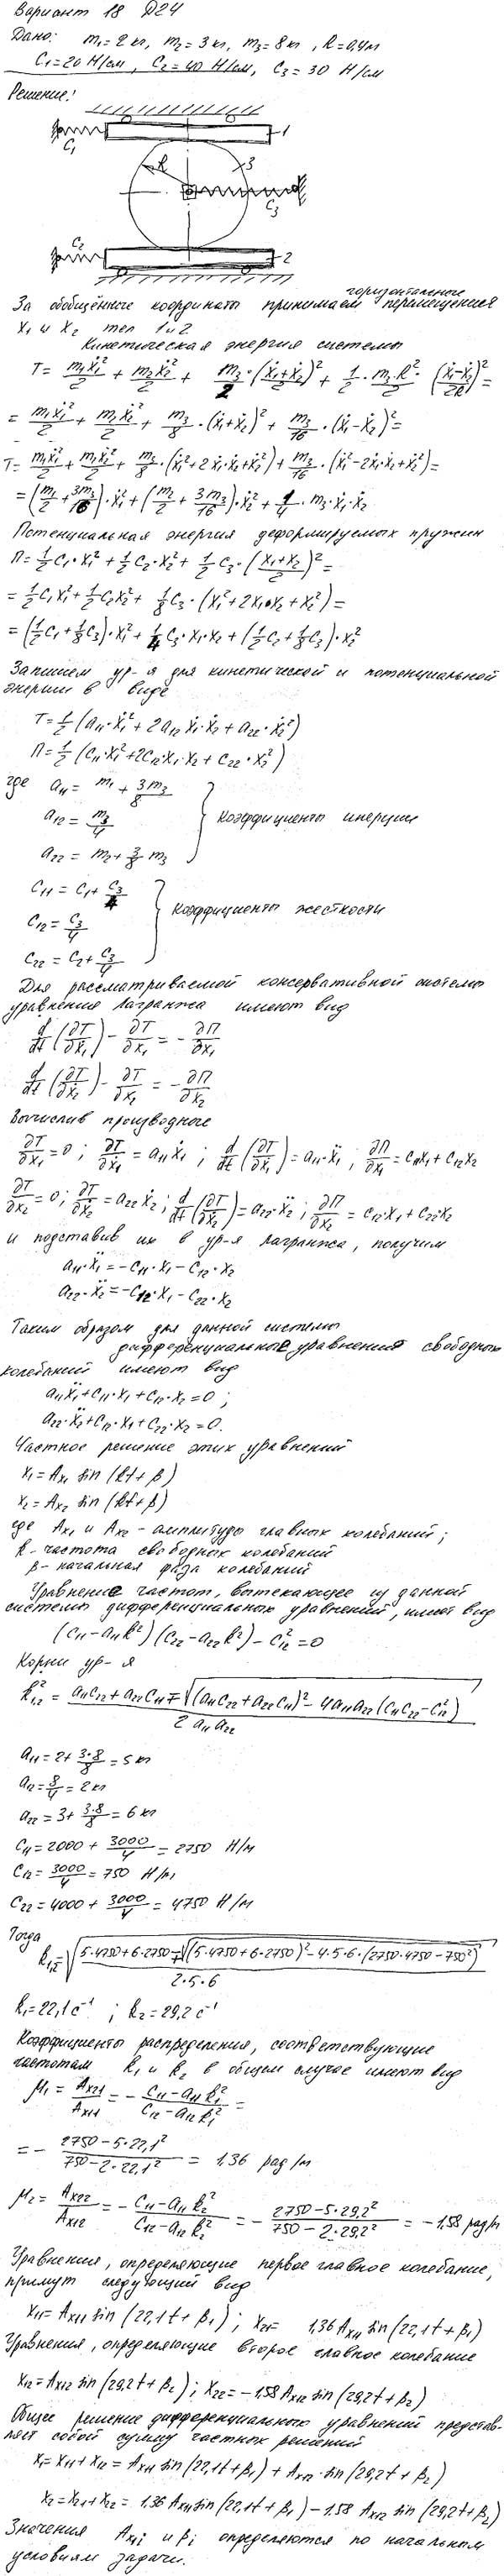 Яблонский задание Д24..., Задача 15333, Теоретическая механика